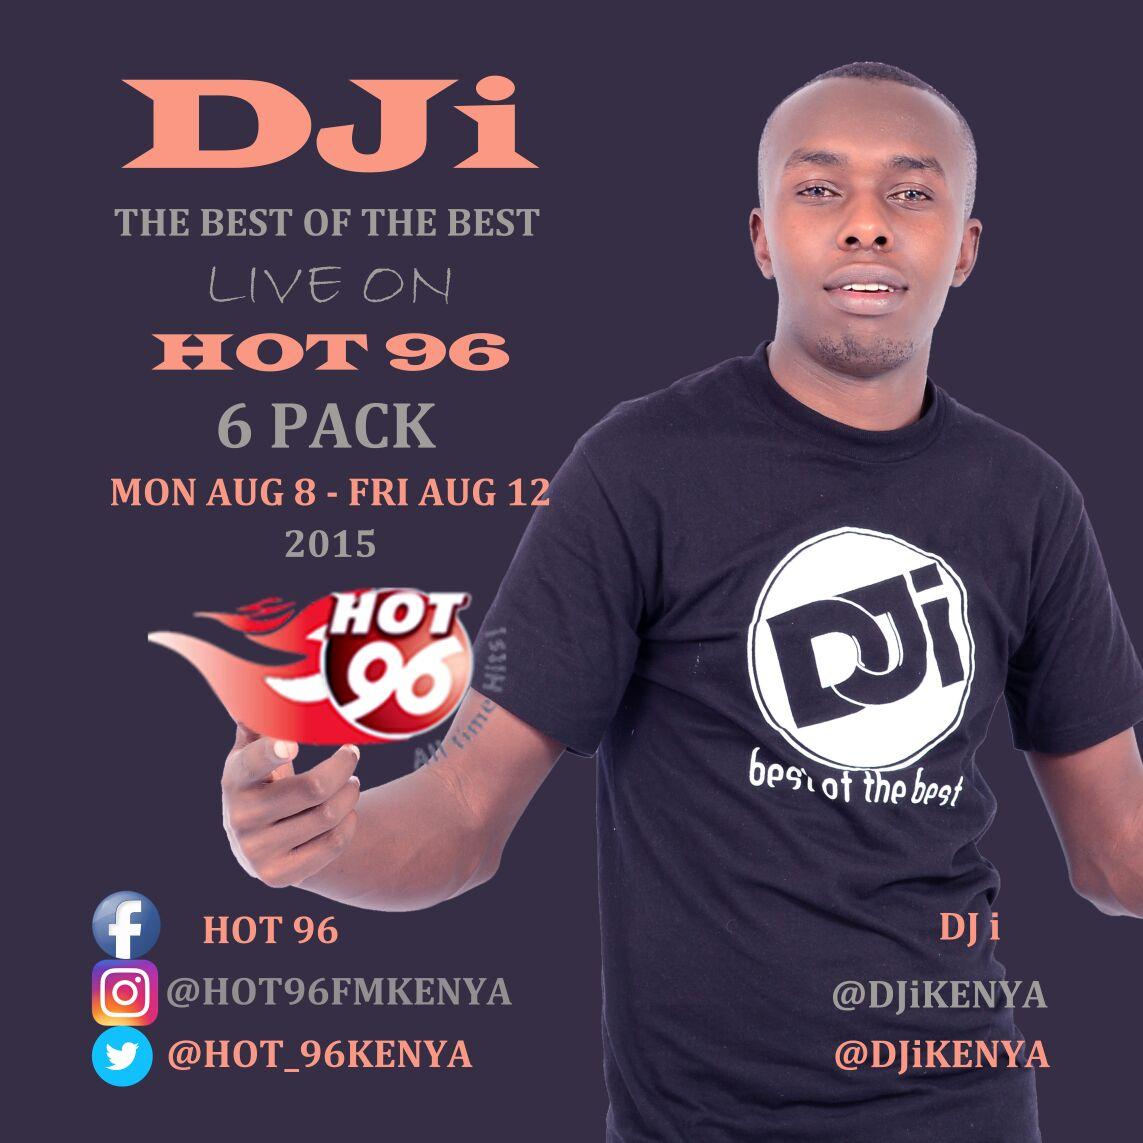 Hot 96 FM Kenya on Twitter: